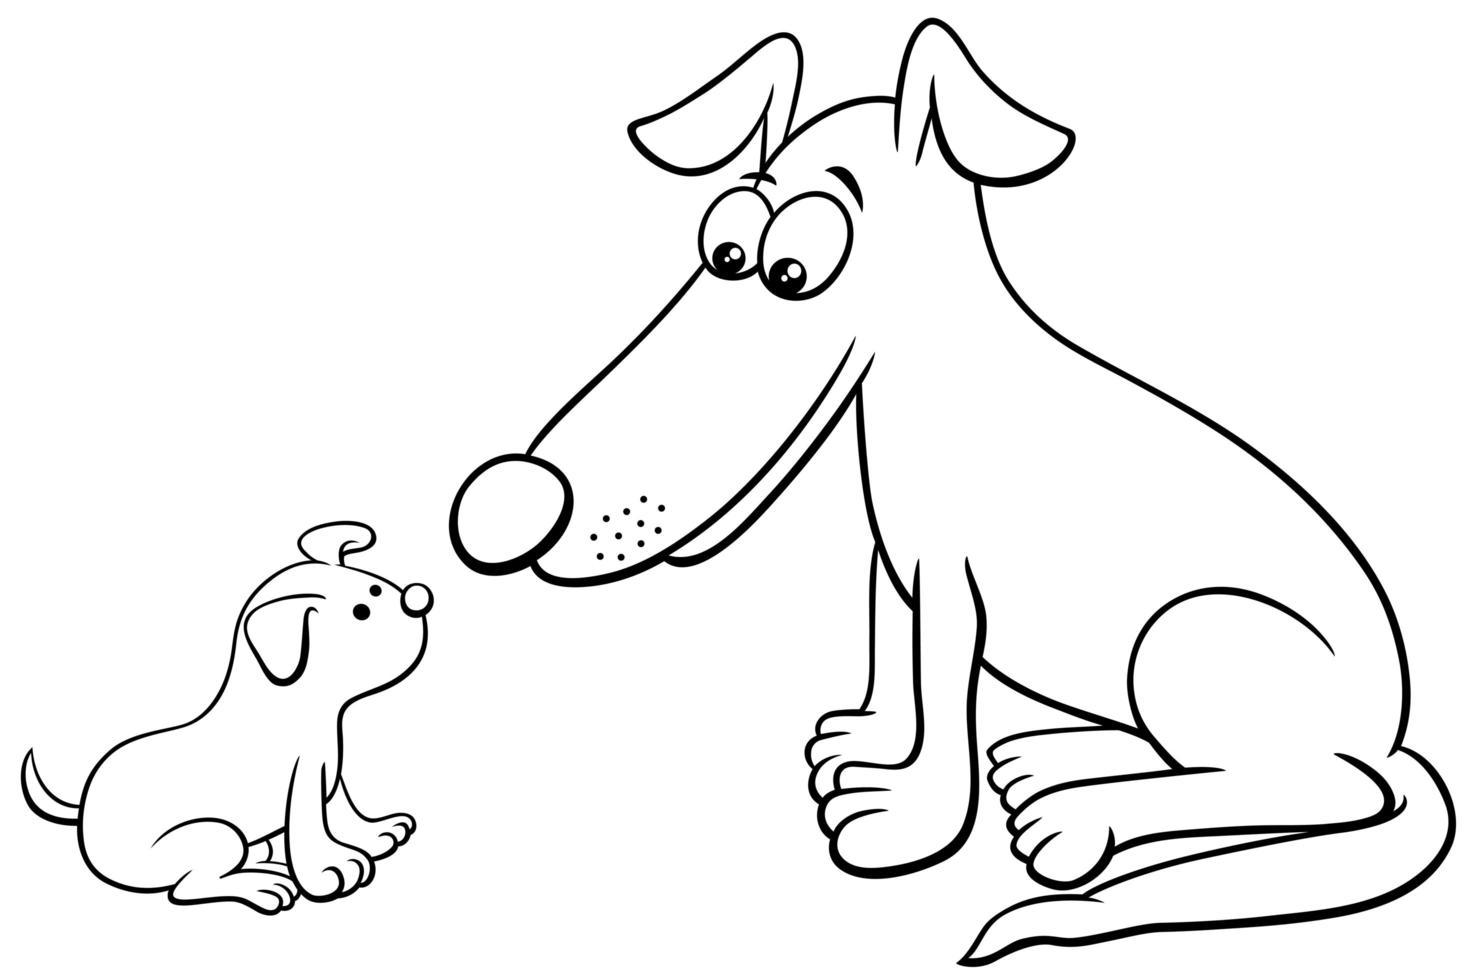 Cachorro y perro animales personajes página de libro para colorear vector